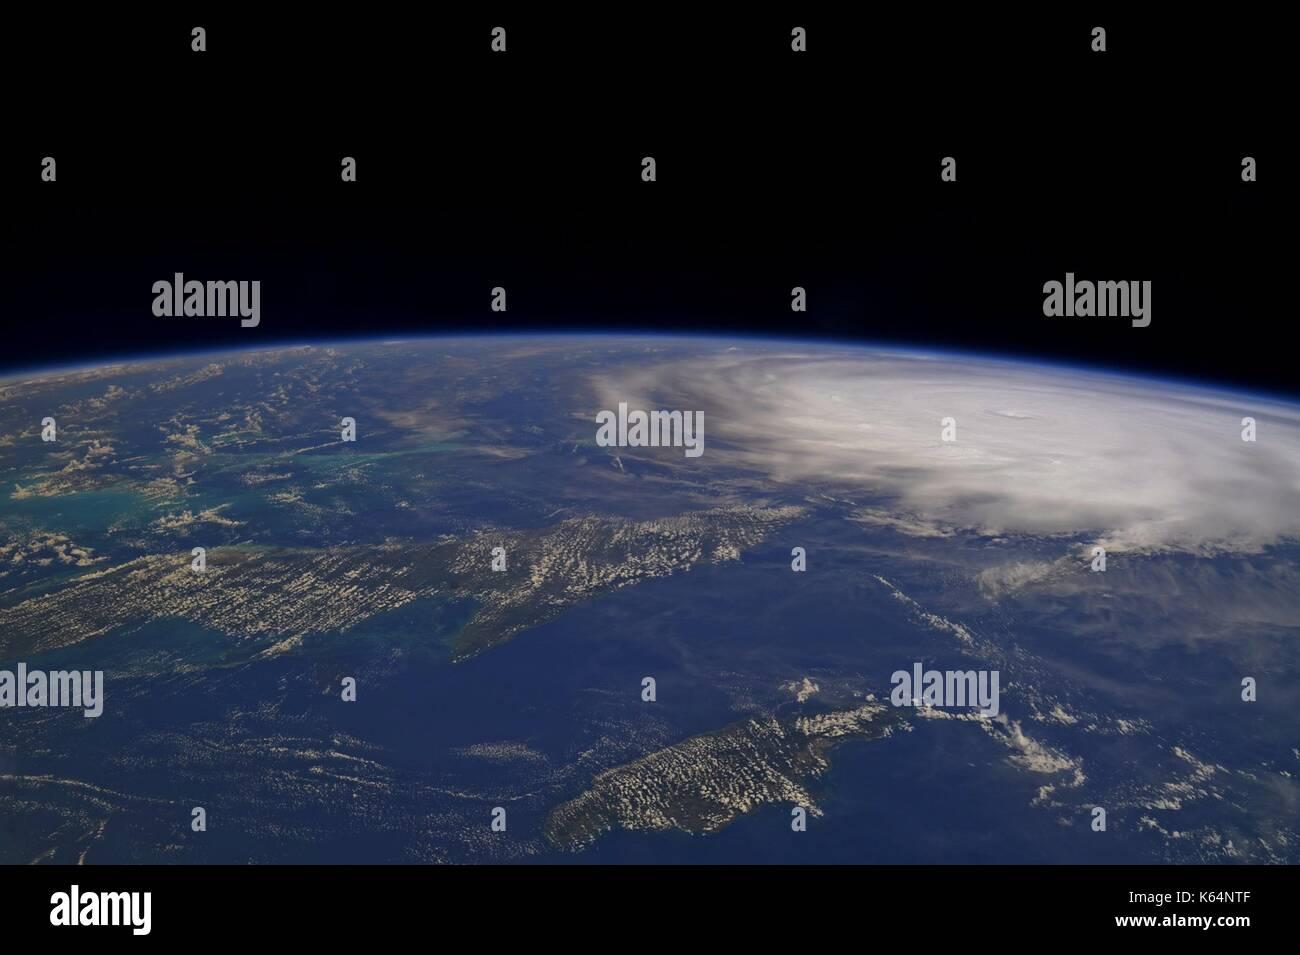 Furacão irma sobre as ilhas Turks e Caicos como ele varre o Caribe em direção ao sul da Florida como uma tempestade de categoria 5 como visto pelos astronautas na estação espacial internacional 9 de setembro de 2017. Imagens de Stock